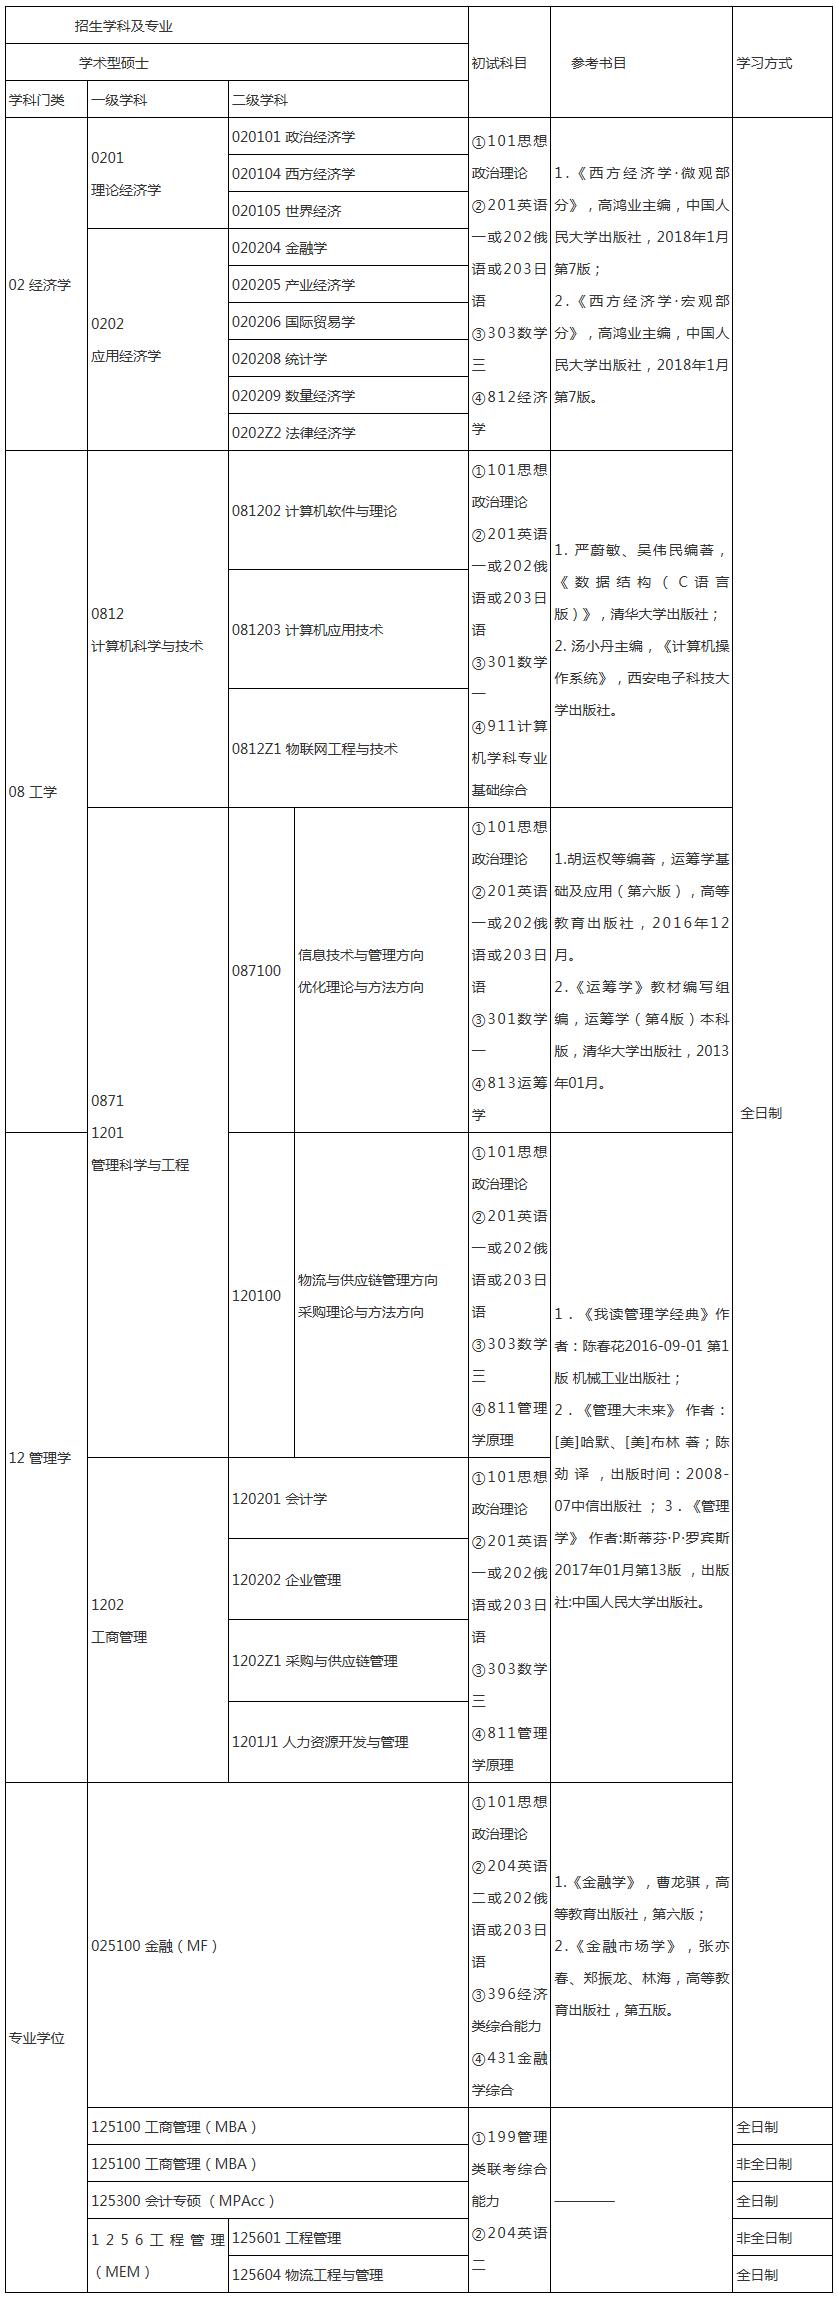 硕士研究生招生目录